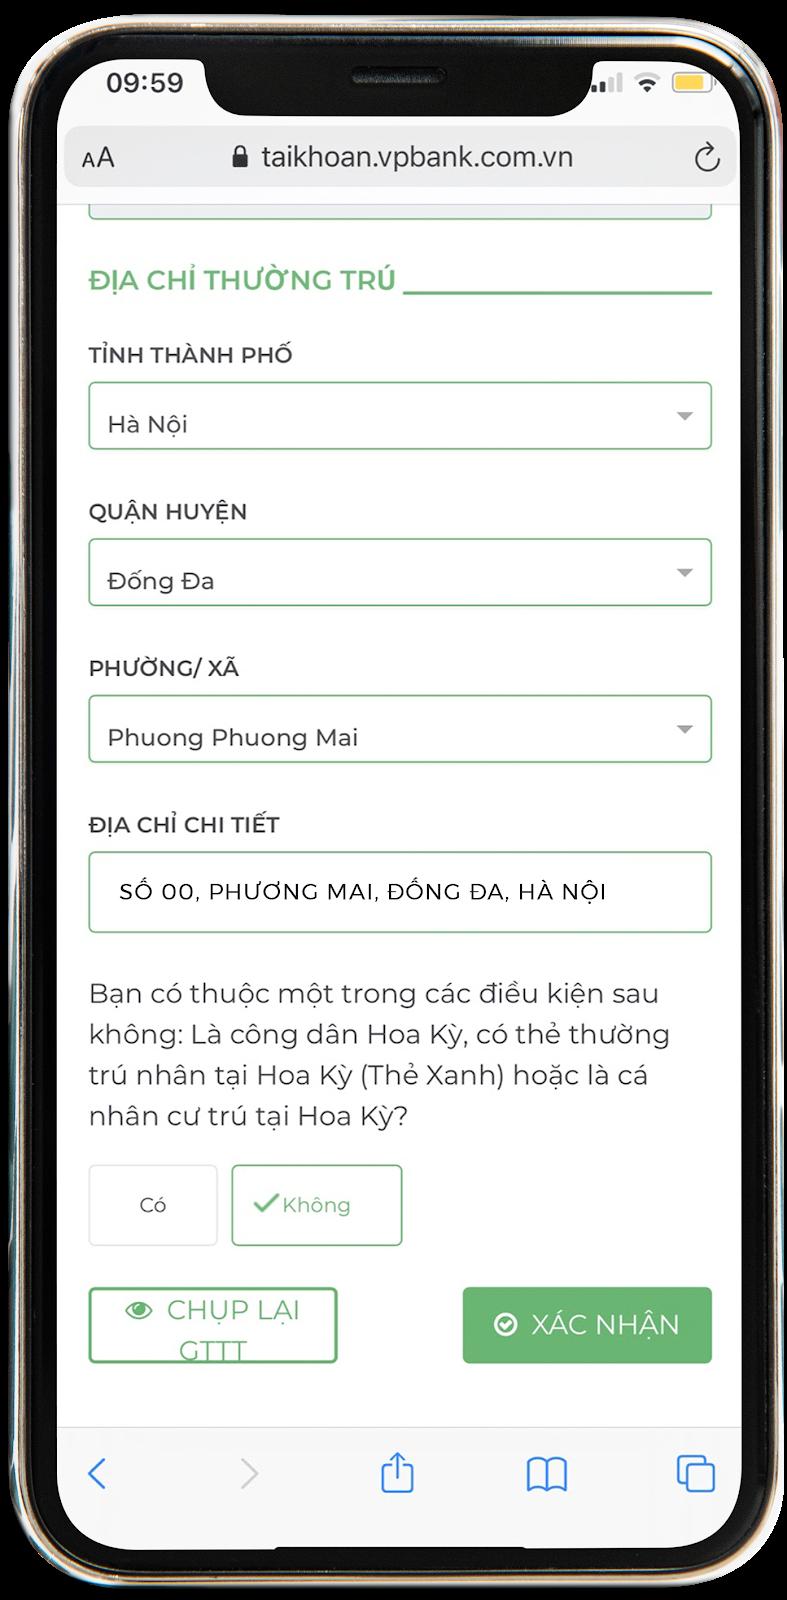 Kiểm tra và xác nhận thông tin trước khi mua vé số Vietlott online